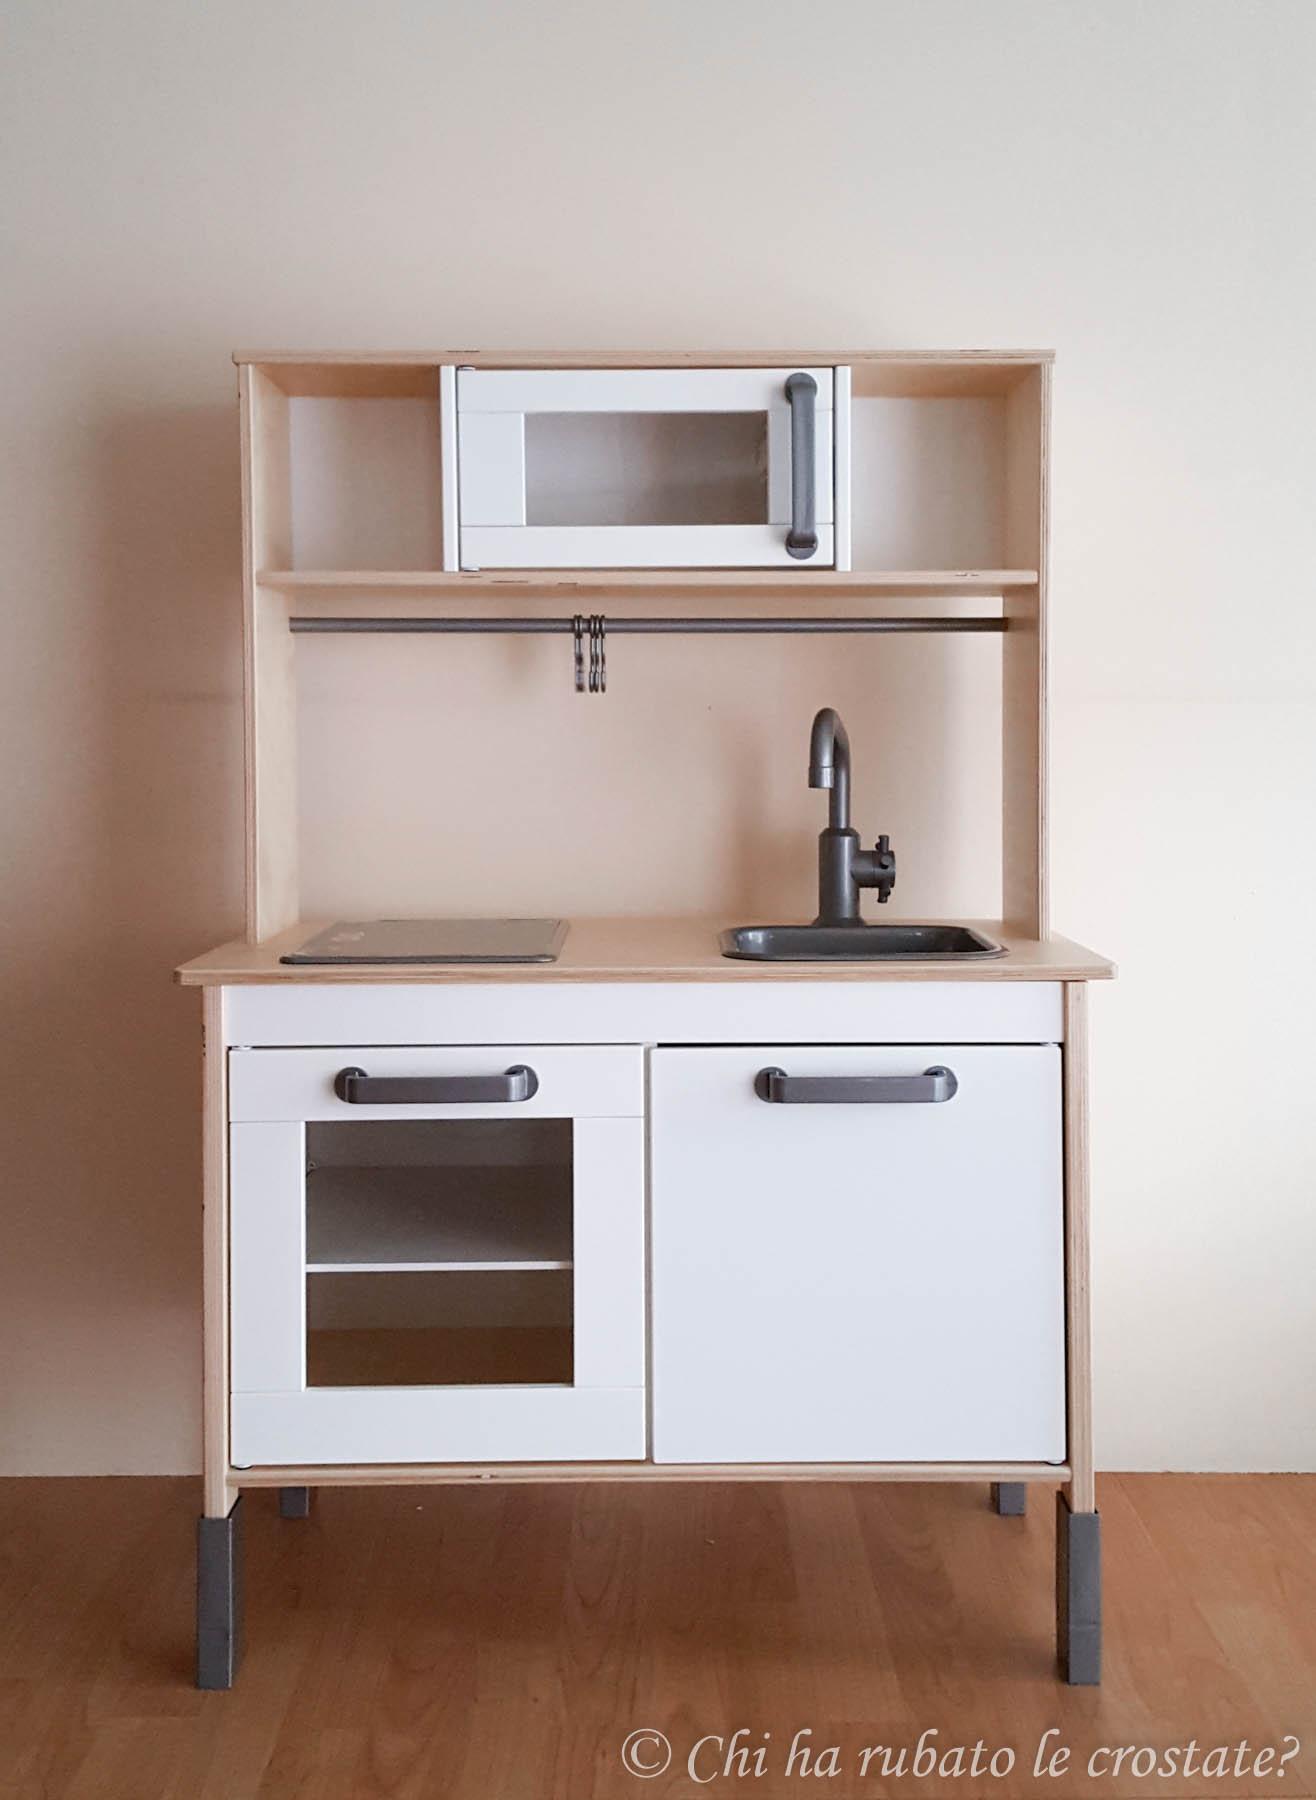 Chi ha rubato le crostate? : » Come ho hackerato la cucina Ikea